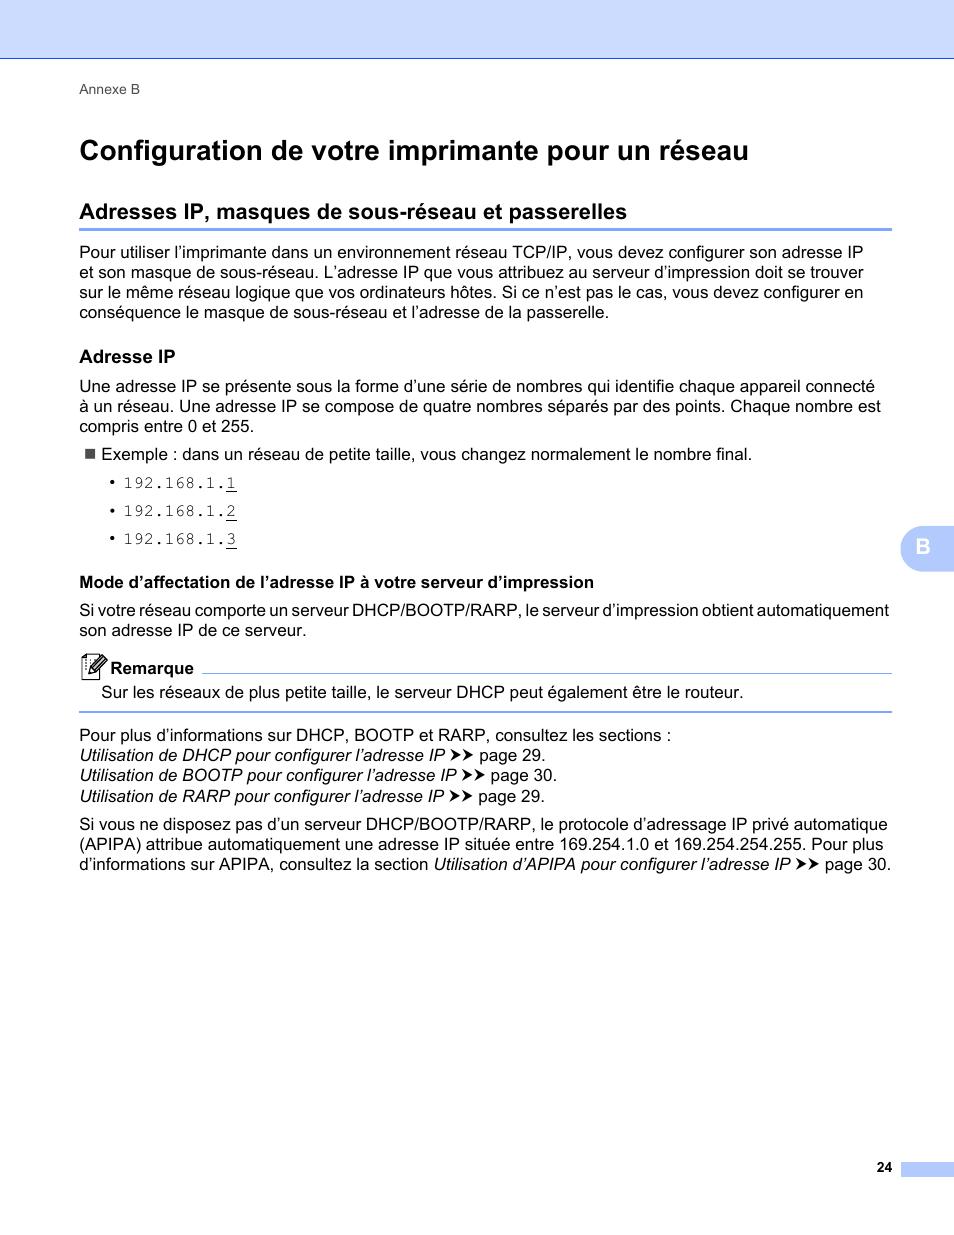 Configuration De Votre Imprimante Pour Un Reseau Adresses Ip